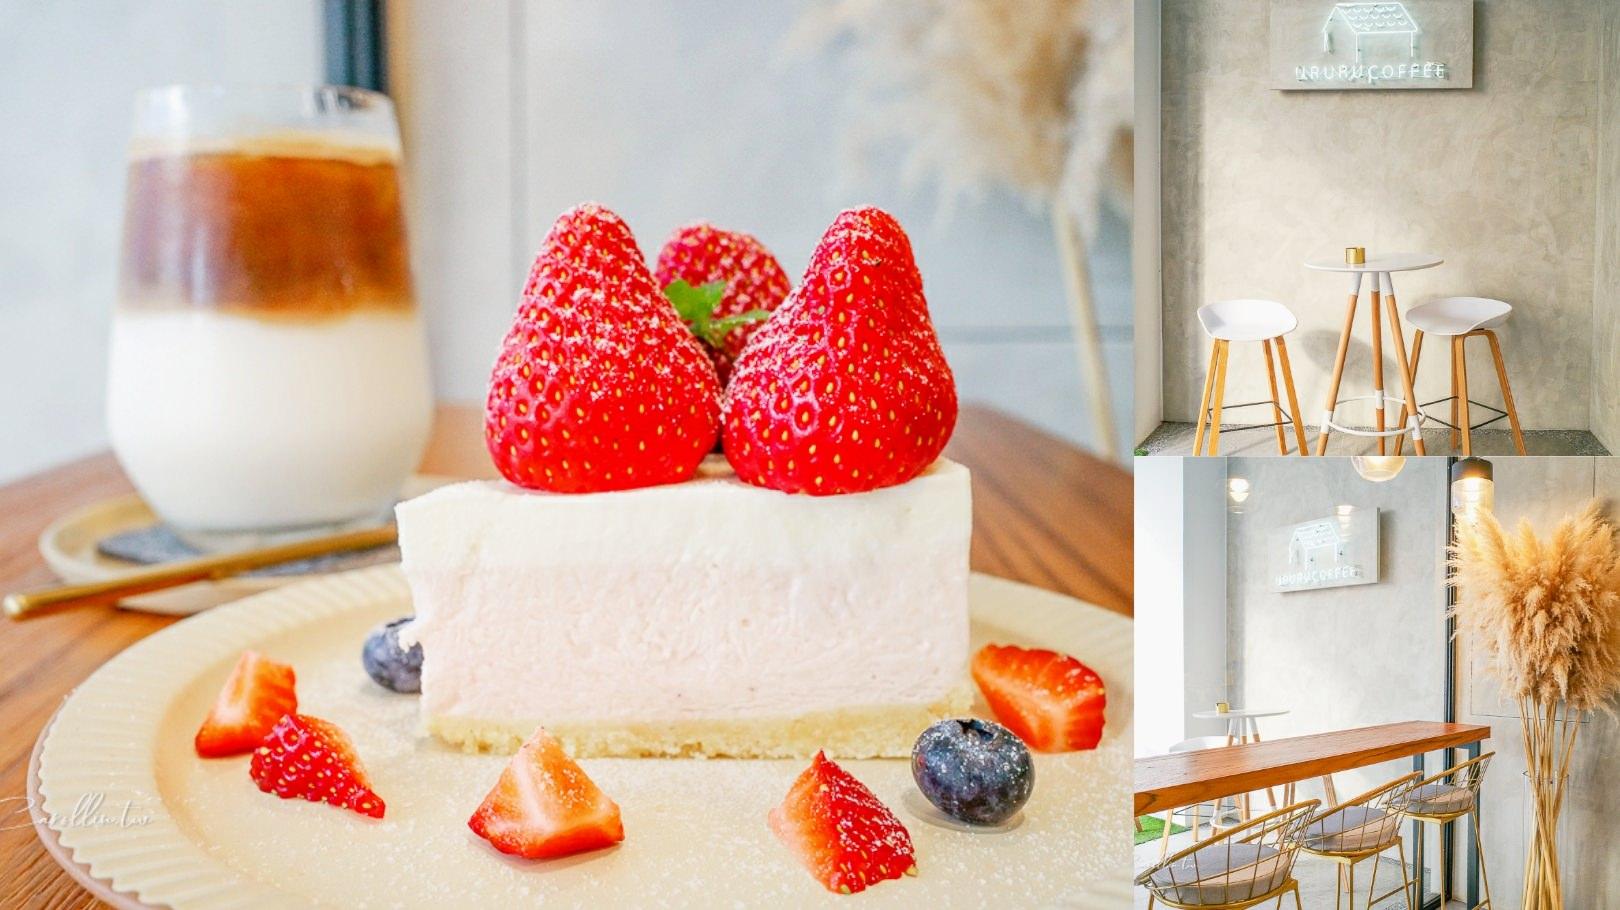 台中咖啡店 | 溫廬咖啡Ururu Coffee – 好拍的自家烘焙咖啡館,甜點也很推薦哦